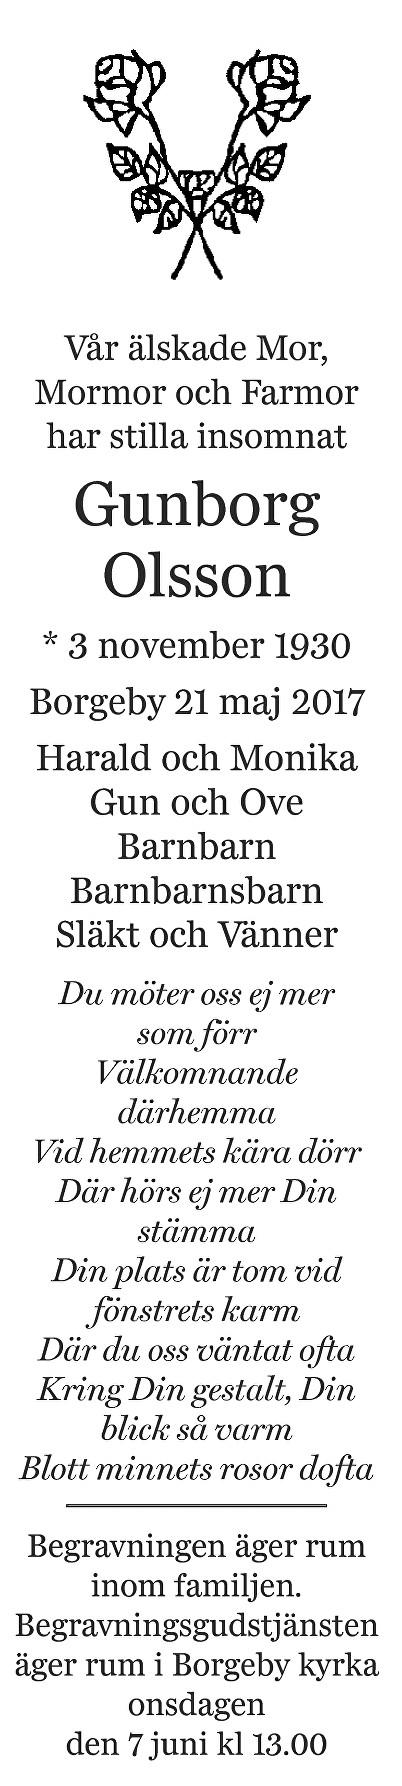 Gunborg Olsson Death notice